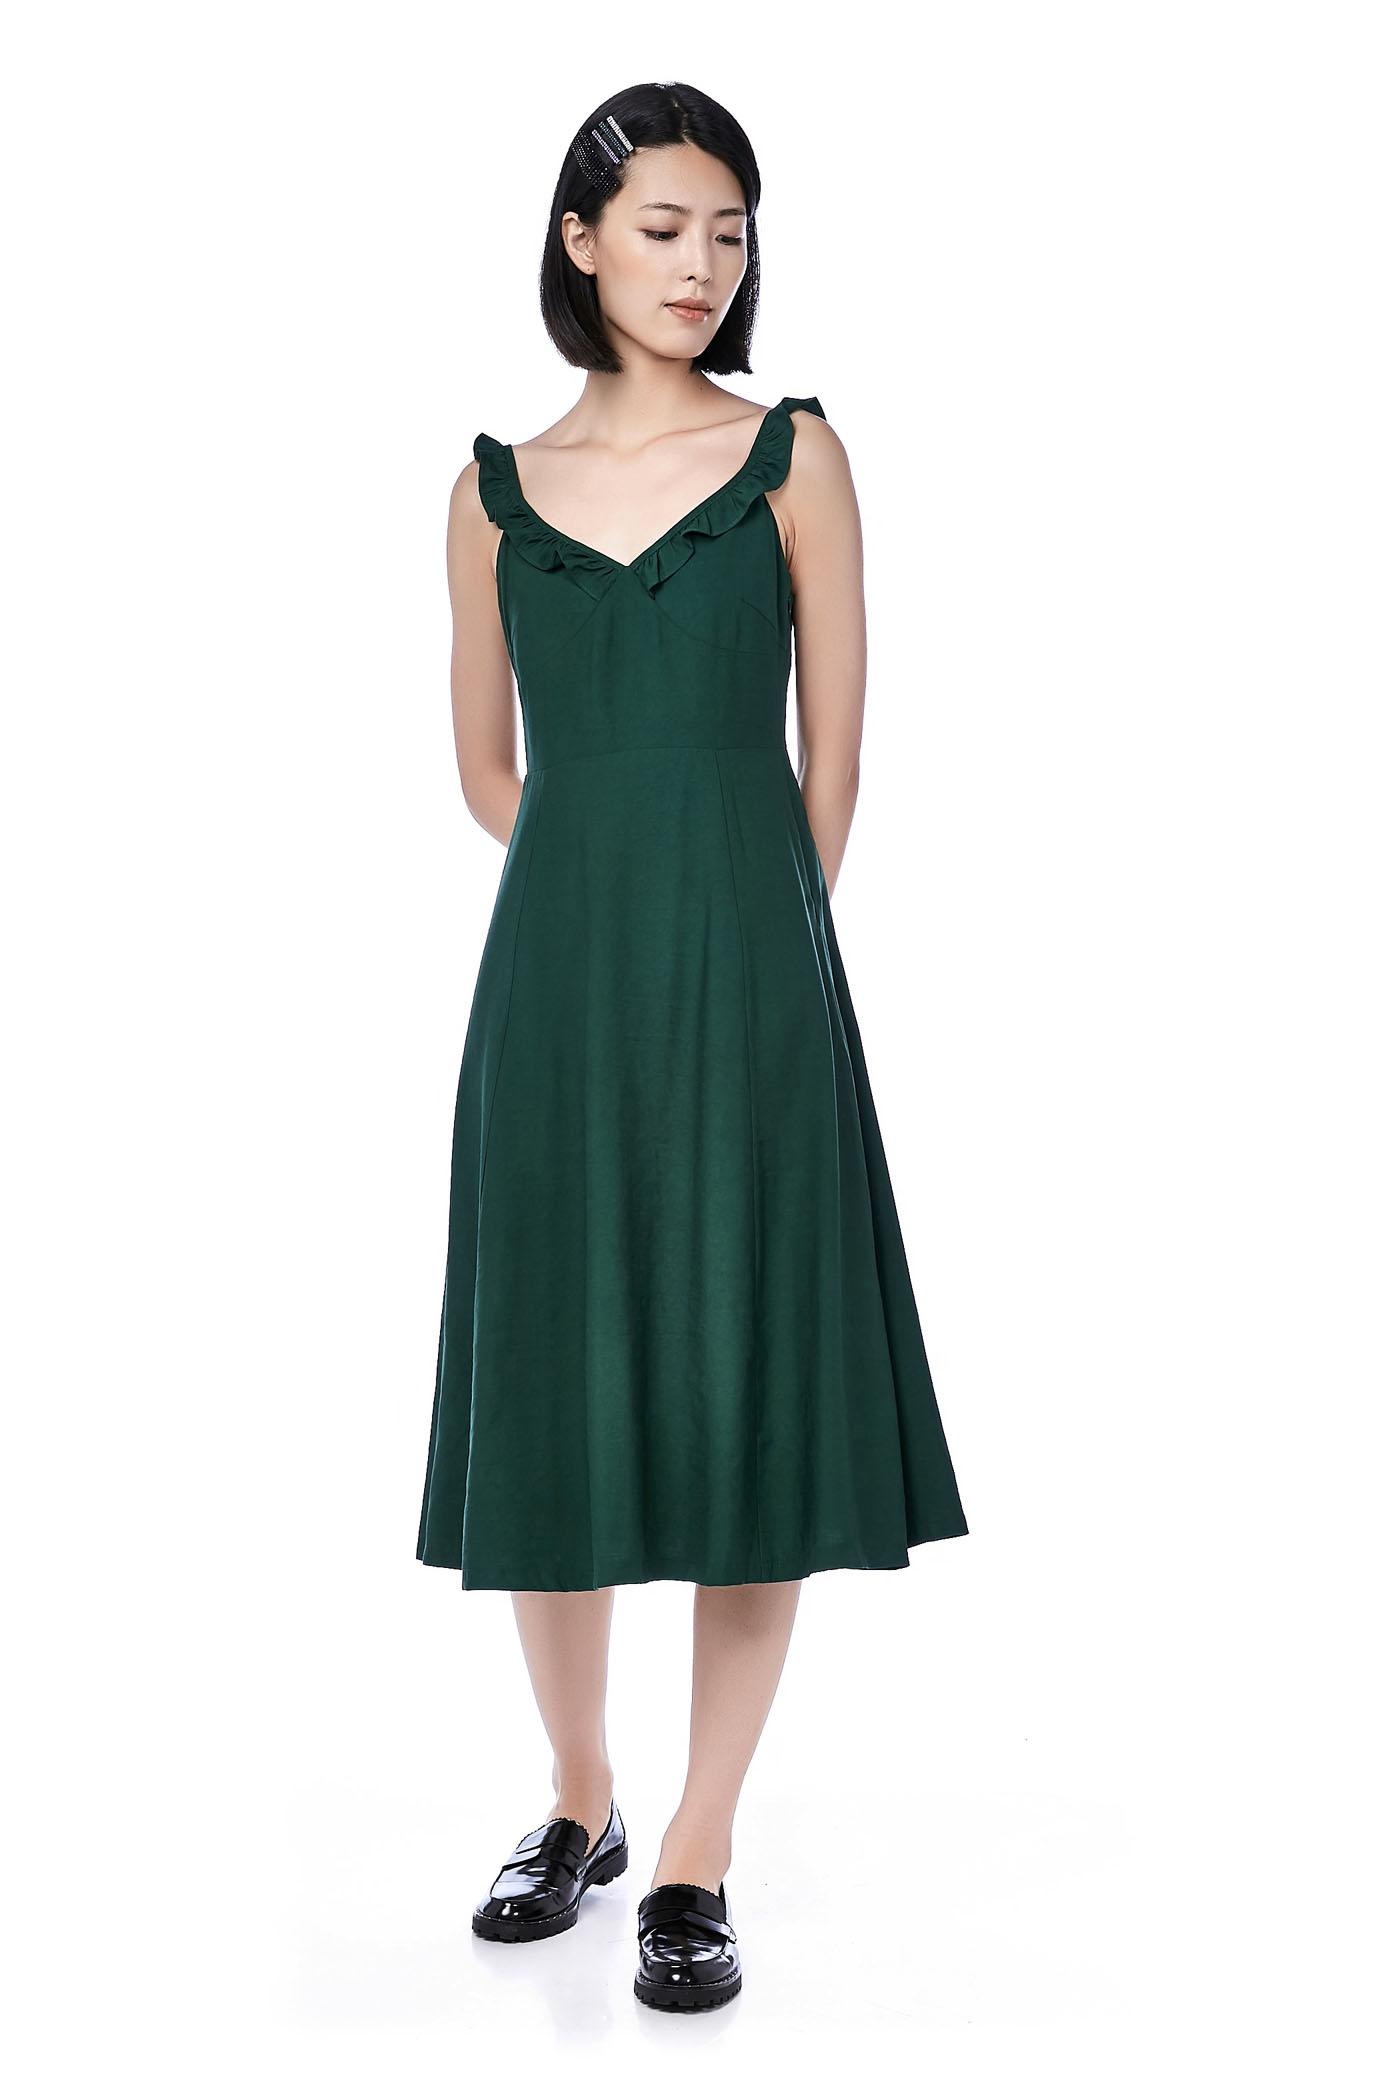 Arlisa Ruffle-strap Midi Dress